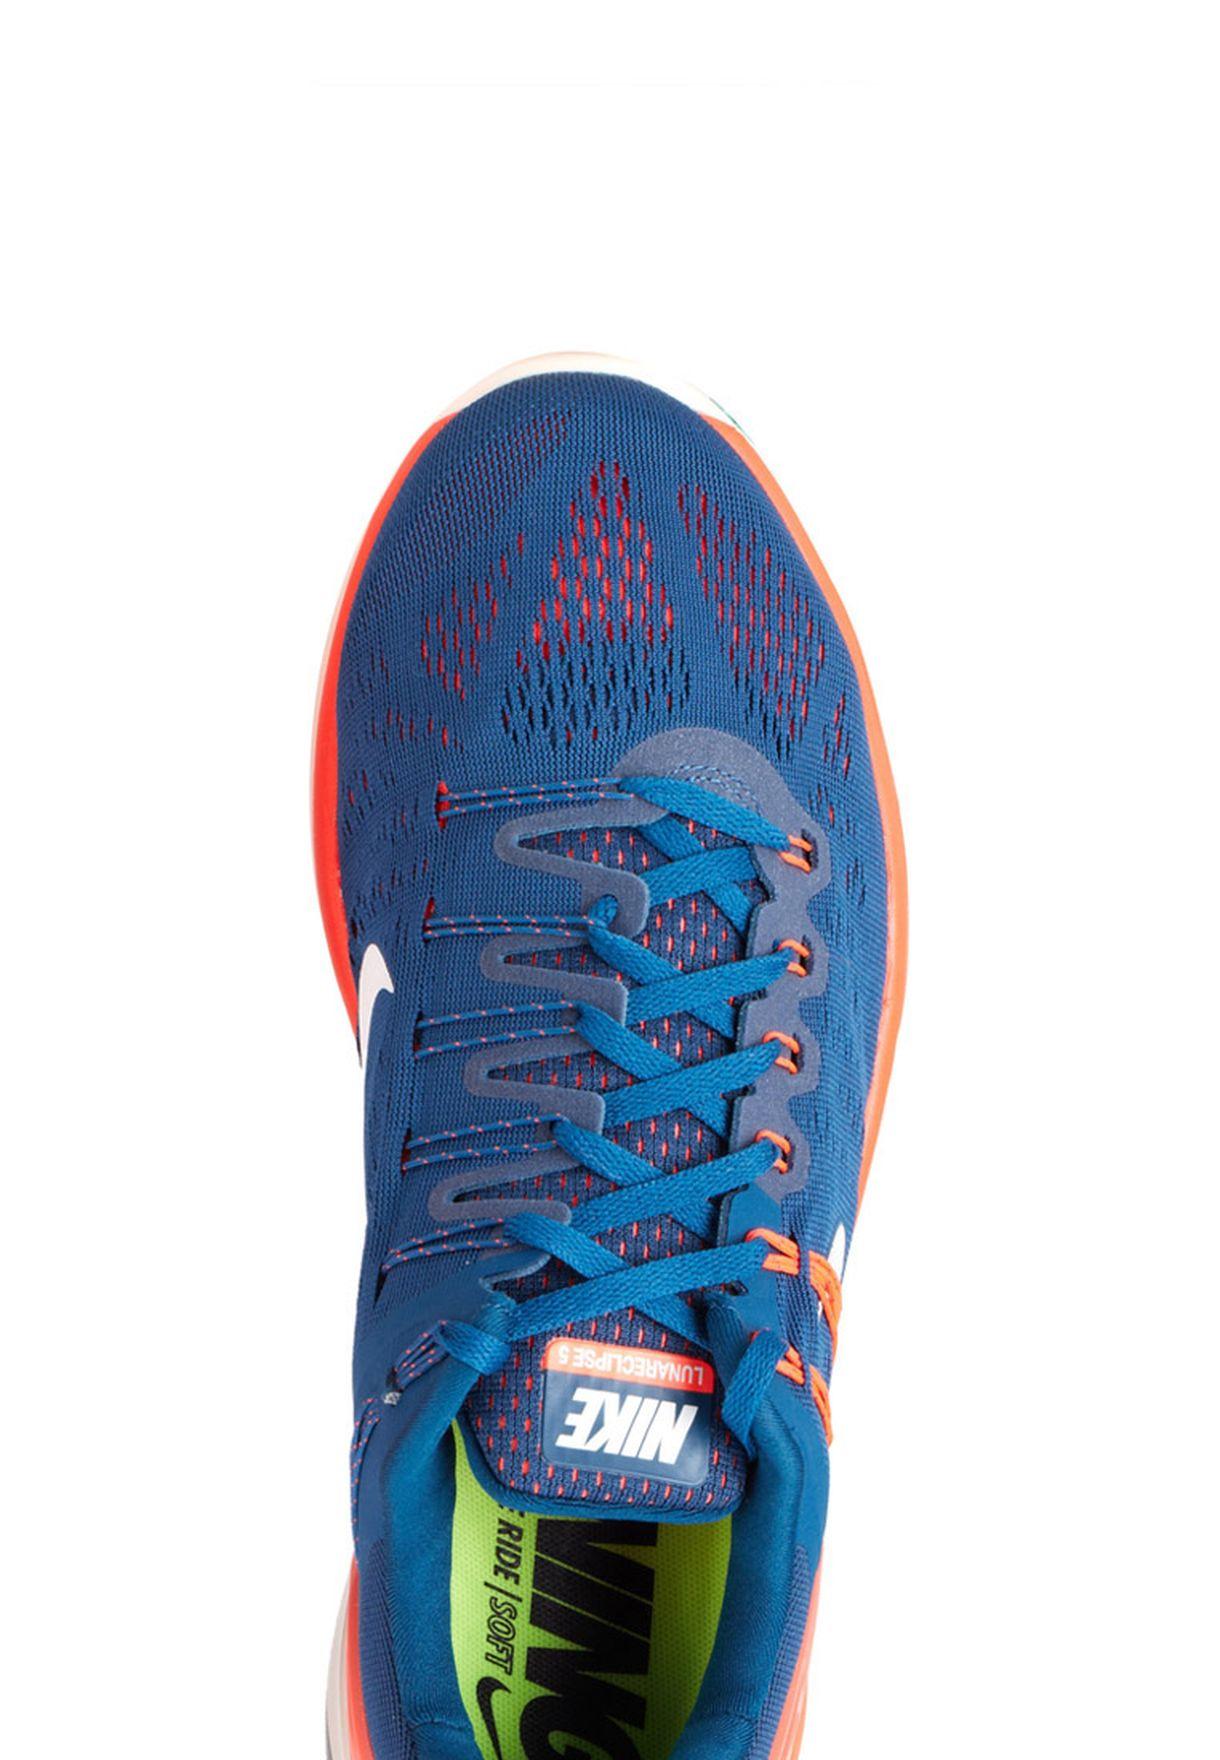 huge discount 1e531 94f04 Nike. Lunareclipse 5